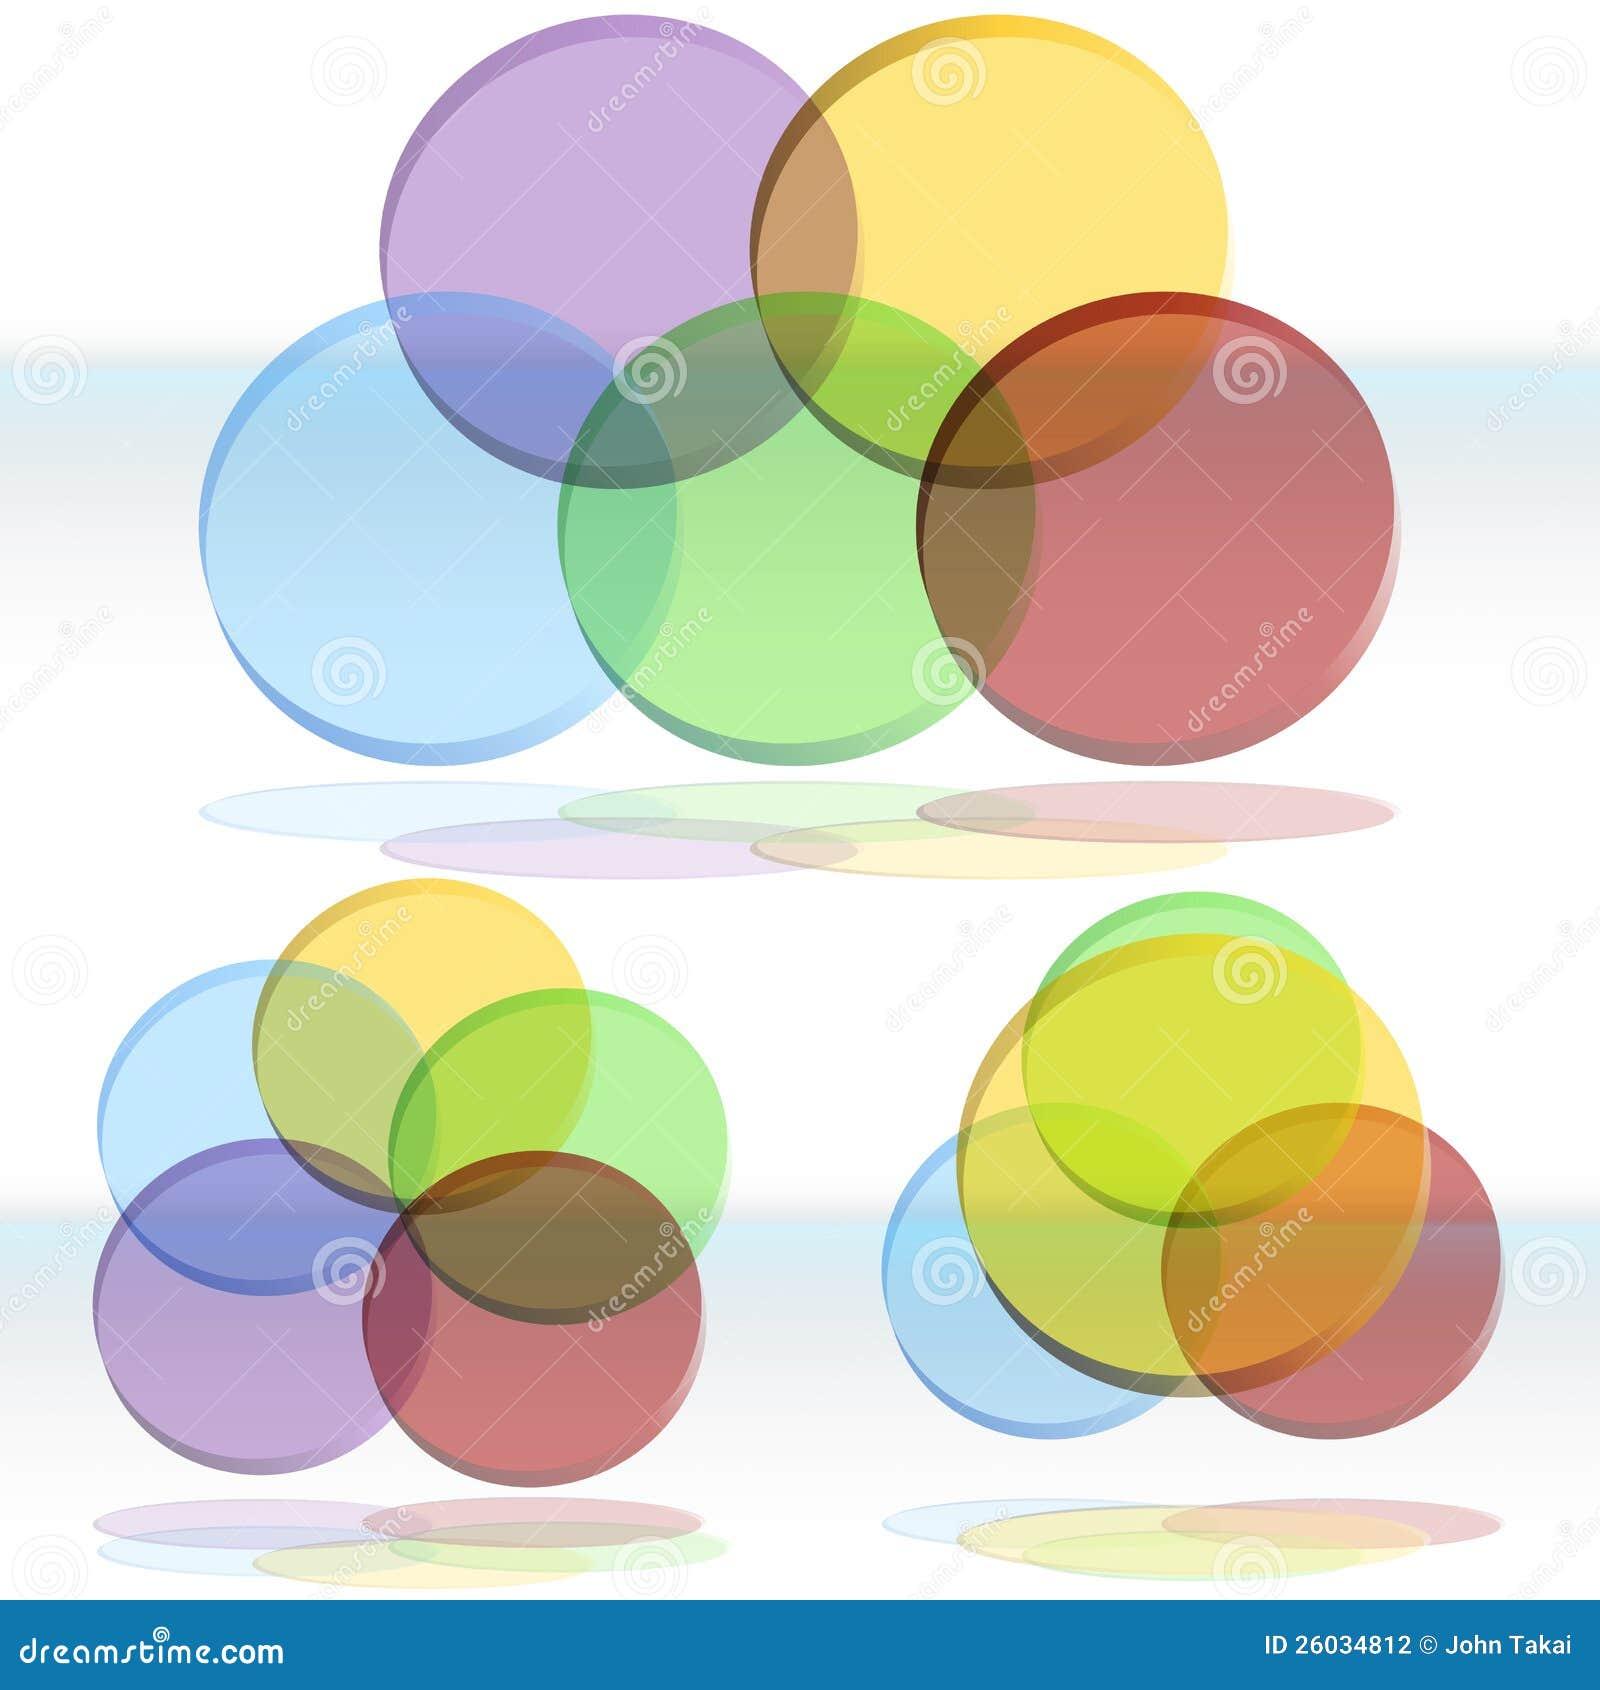 3d venn diagram set stock vector illustration of design 26034812 3d venn diagram set pooptronica